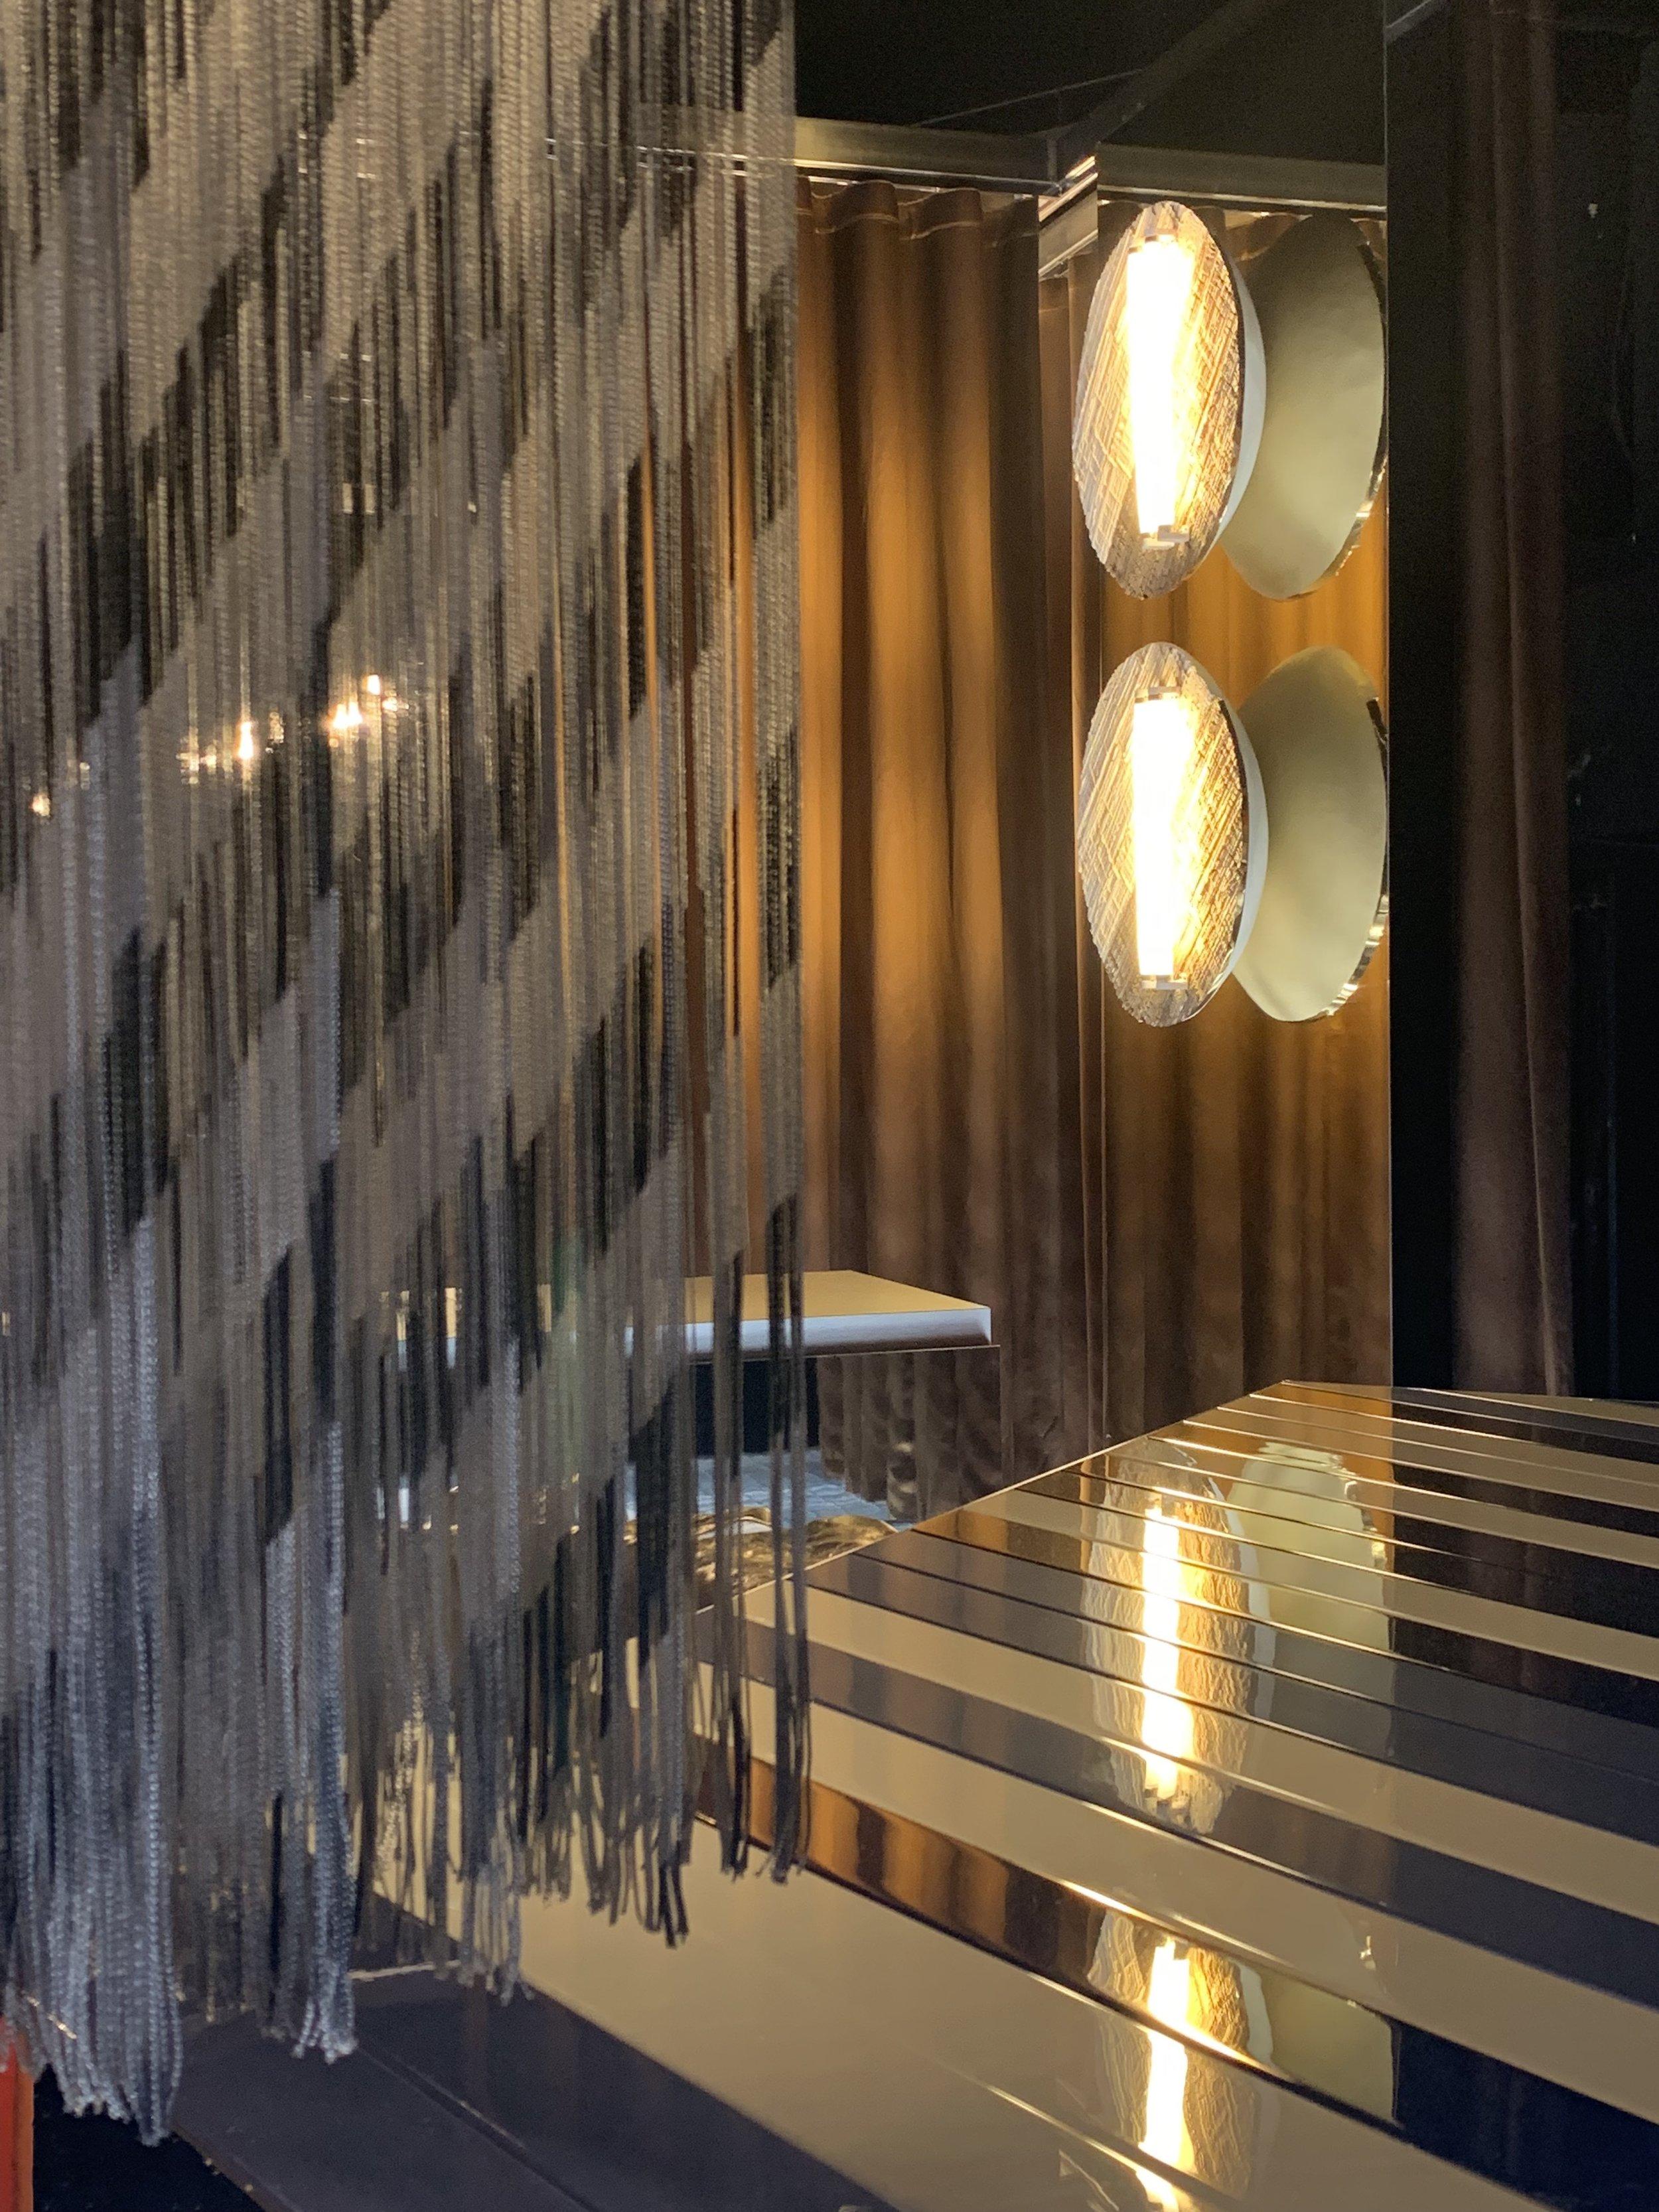 015 Salone del Mobile 2019 Lex de gooijer interiors rotterdam.JPG